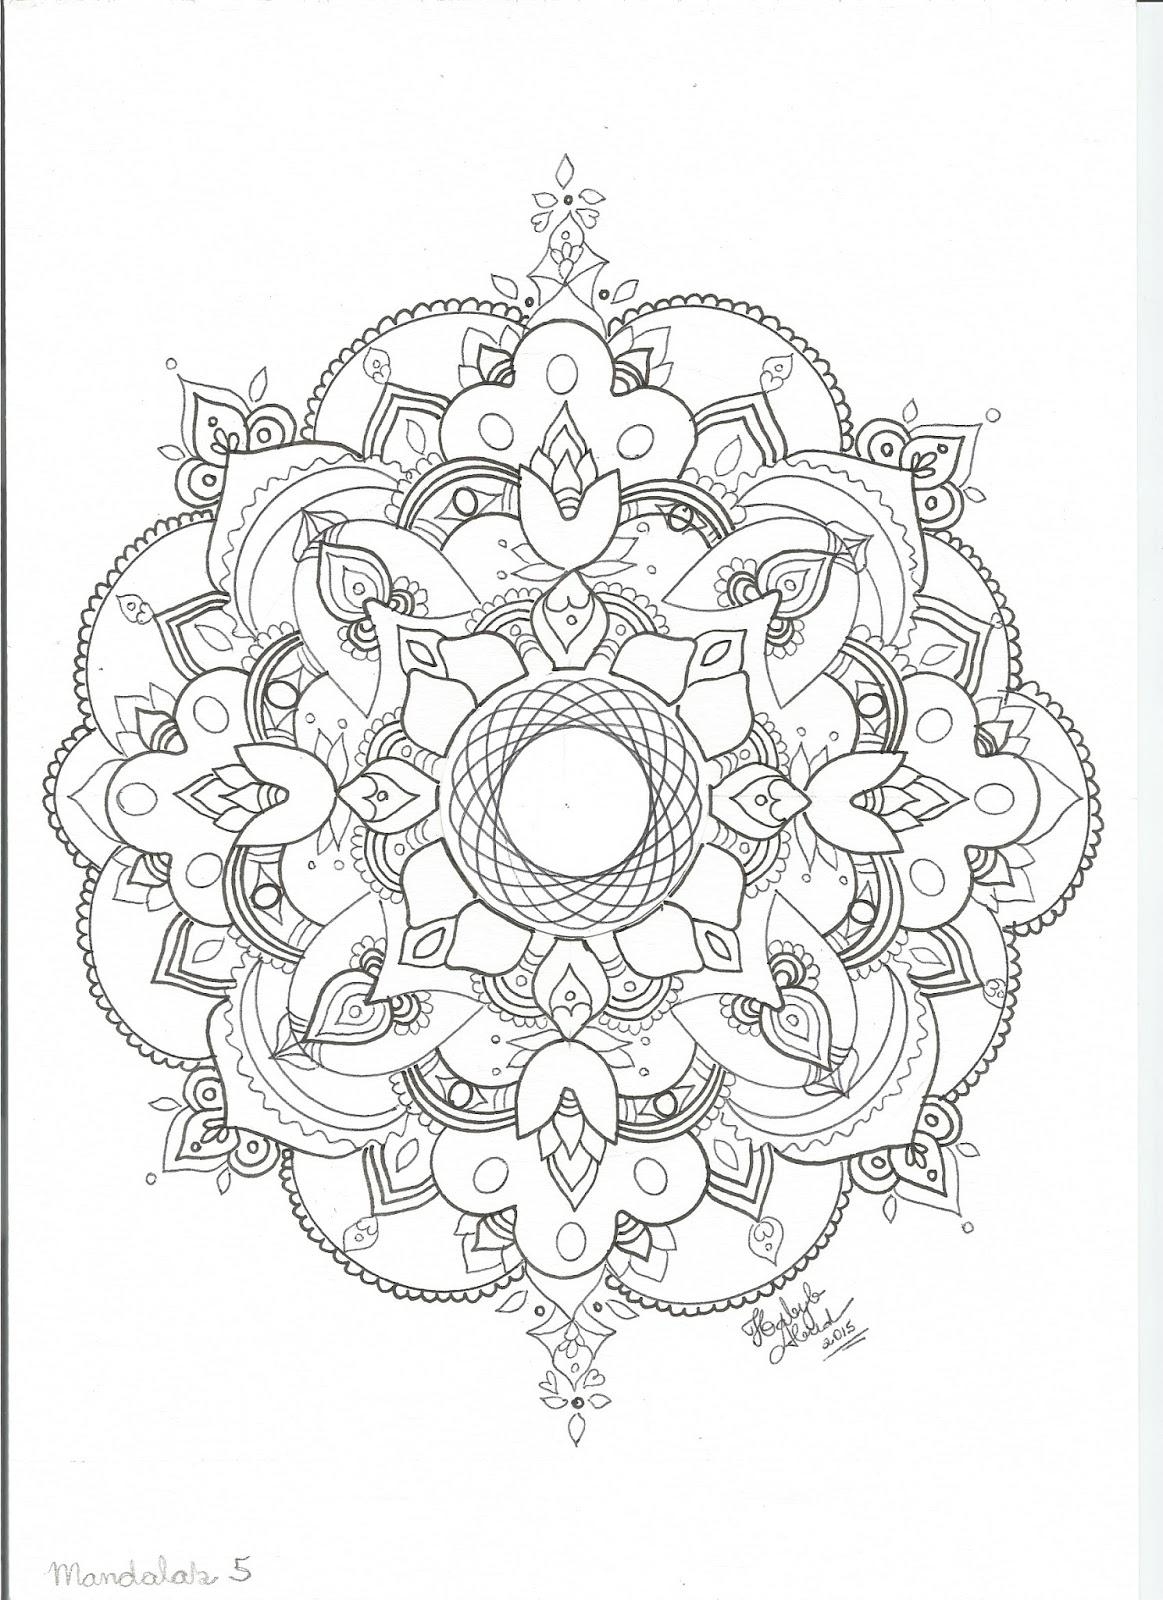 desenhos%2Bpara%2Bcolori-%2Bmandala5.jpg